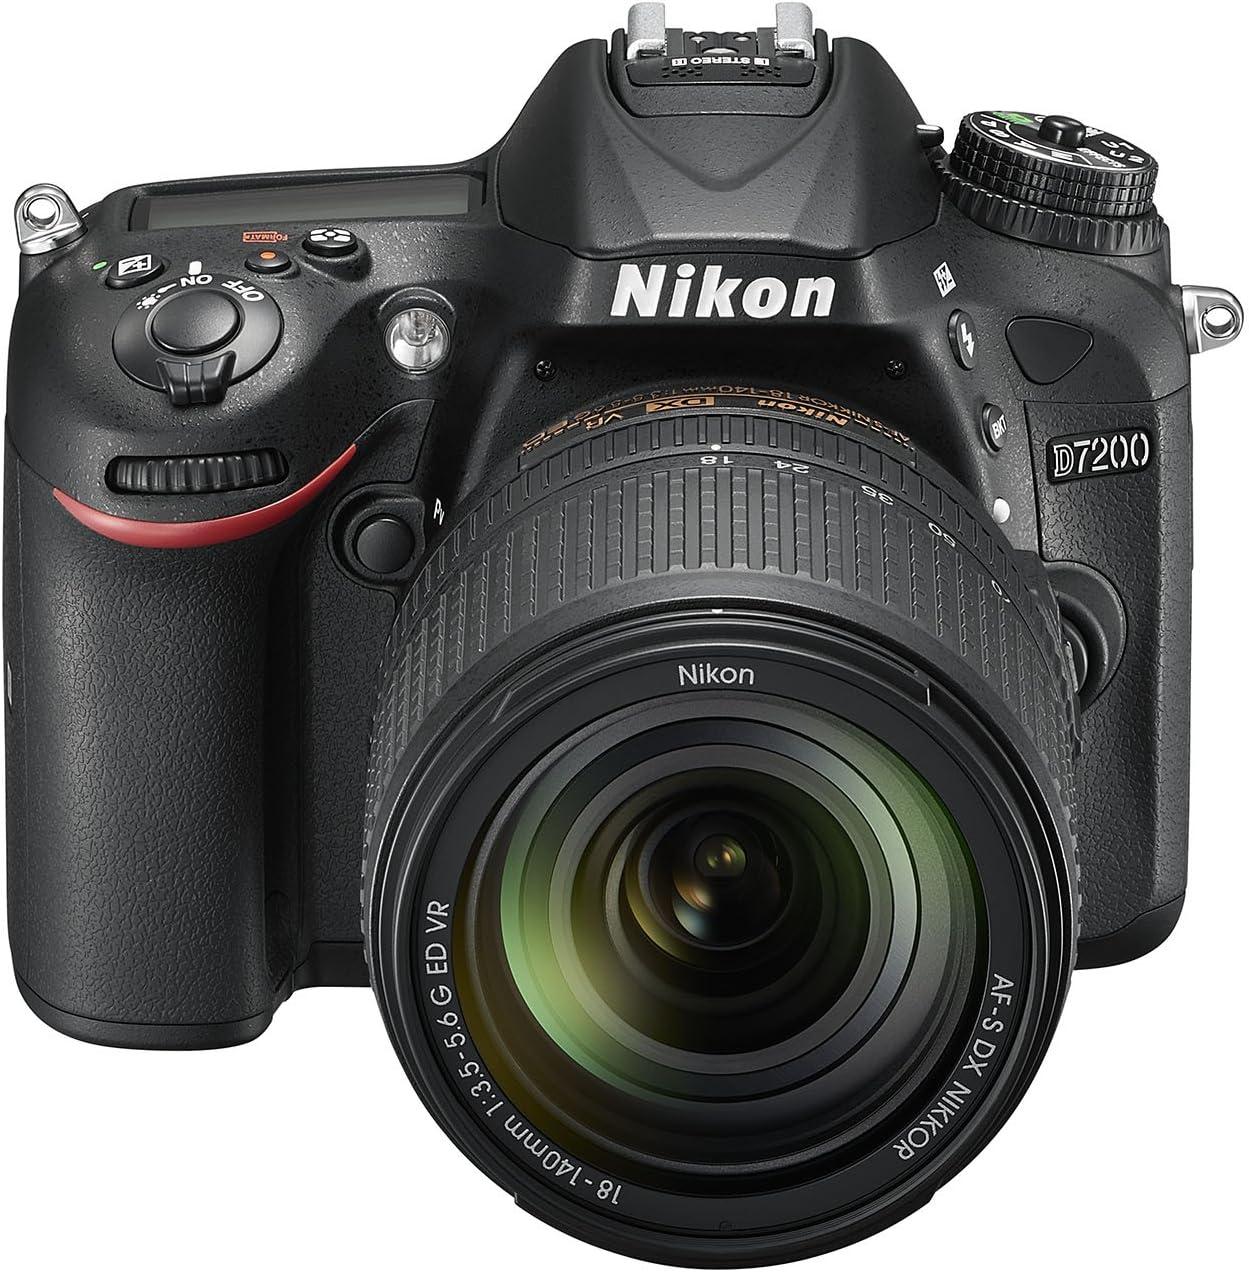 Nikon Dslr D7200 18 55 Mm Vr Camera Photo